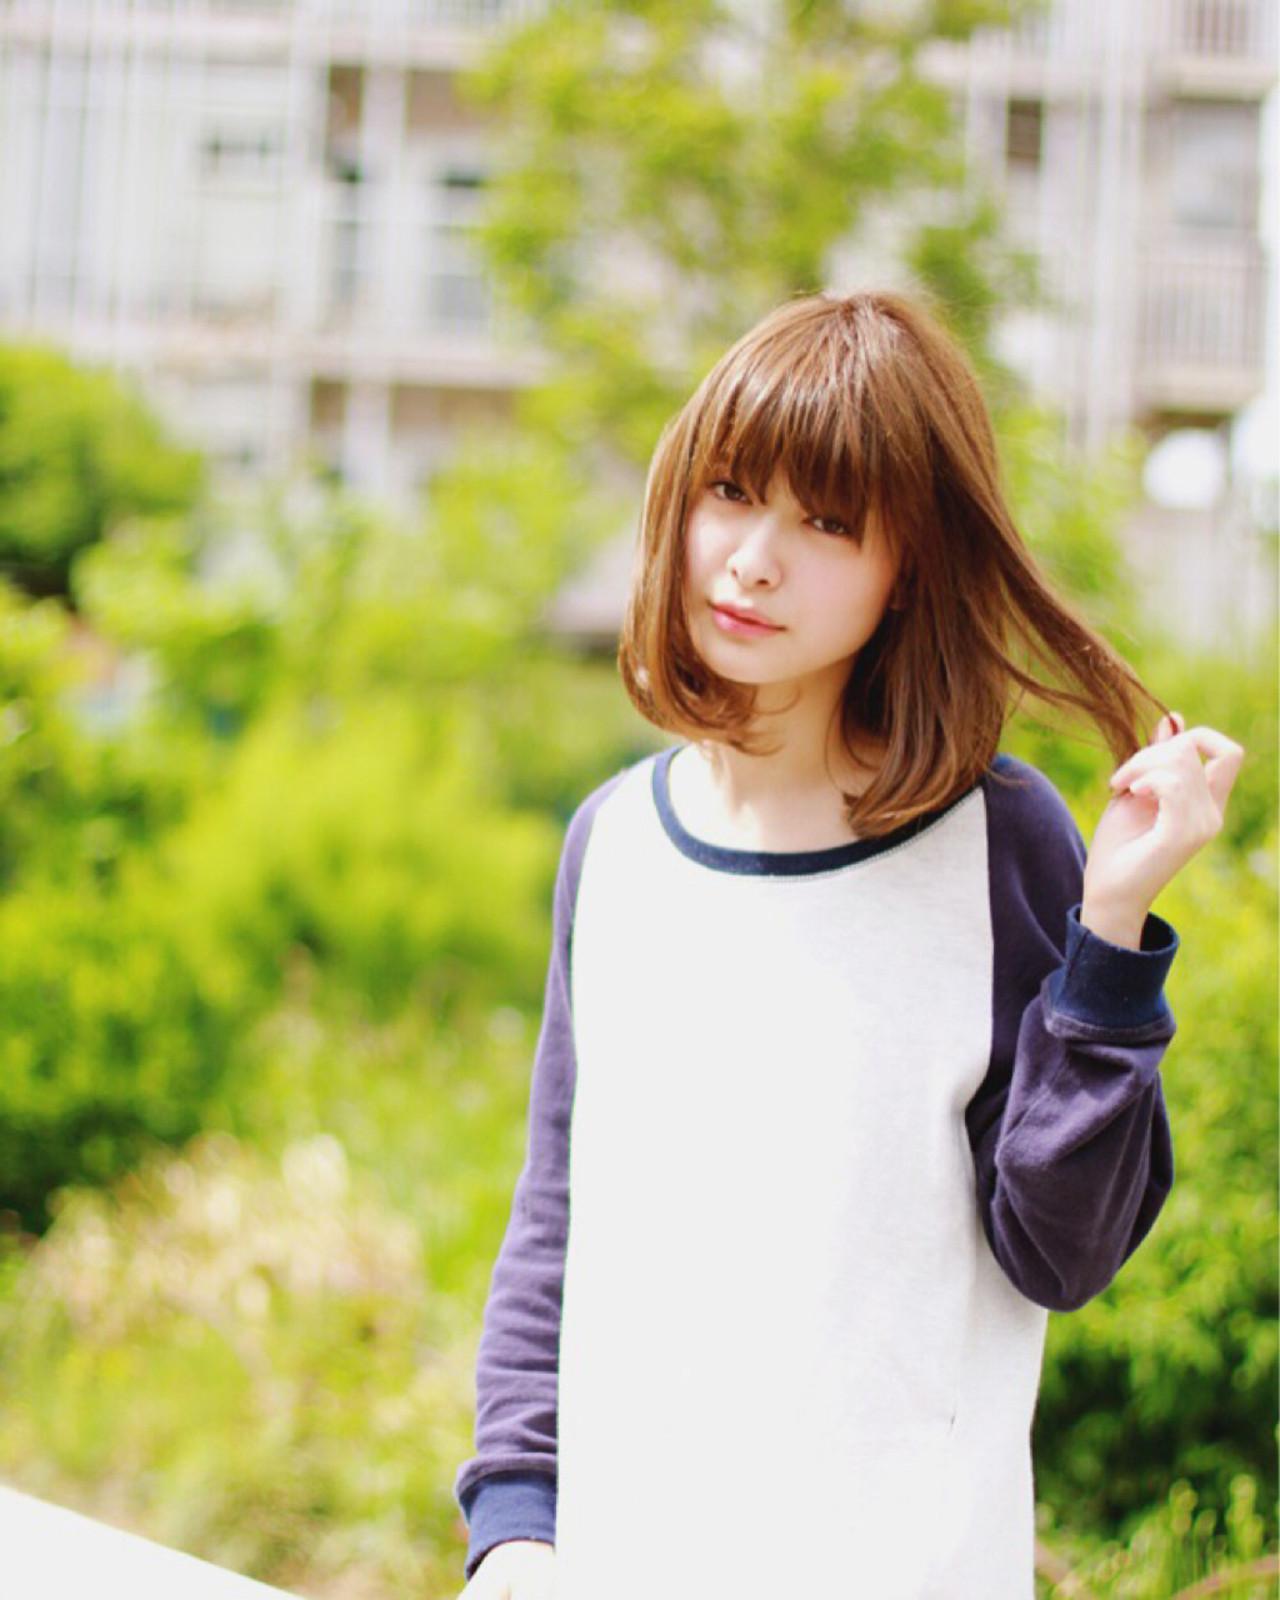 アッシュ ナチュラル 色気 ゆるふわ ヘアスタイルや髪型の写真・画像 | 菅 孝太郎 / andrey